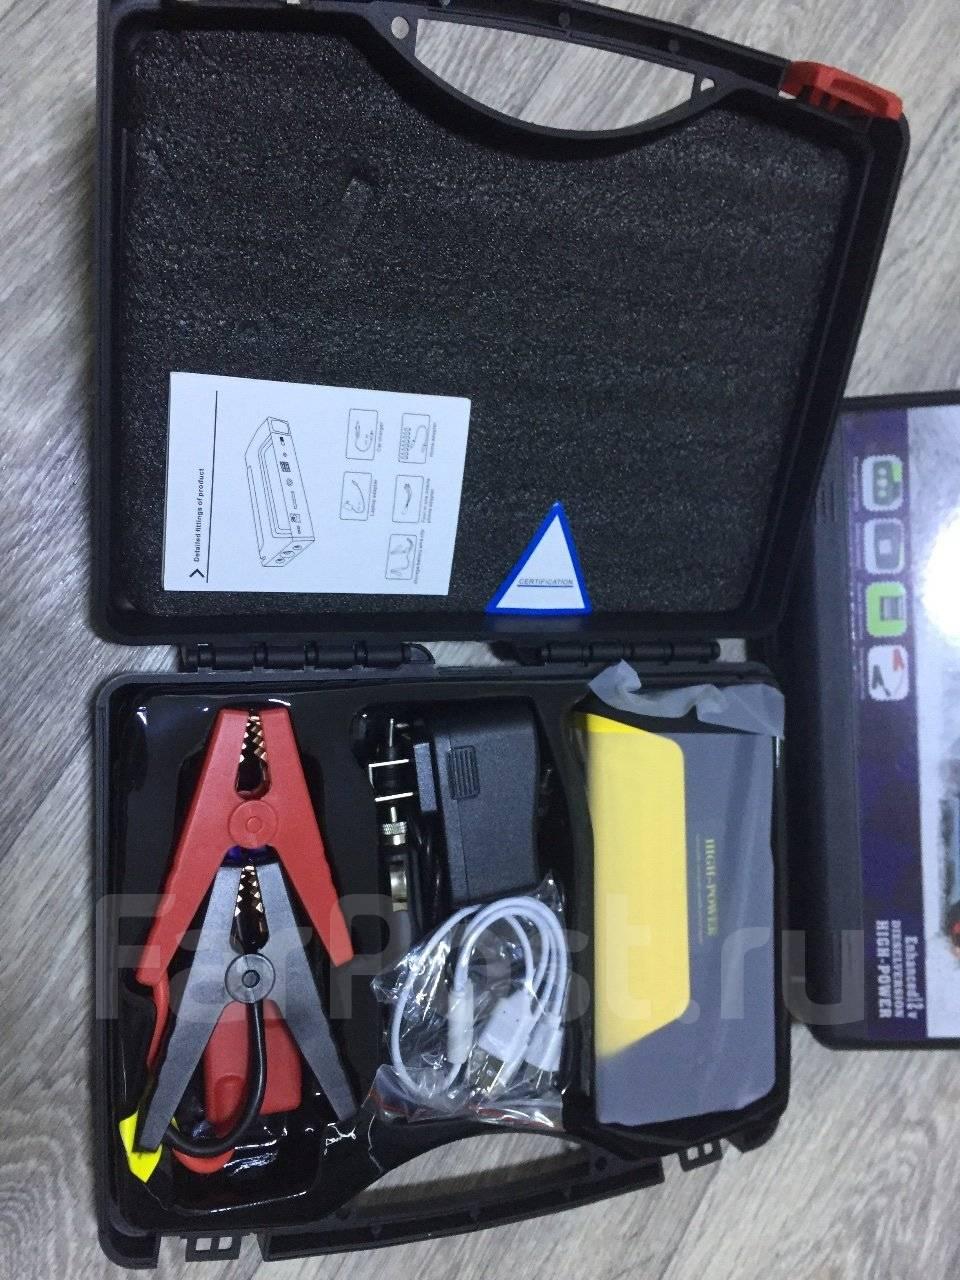 инструкция по работе с зарядным устройством maxinter plus-15a